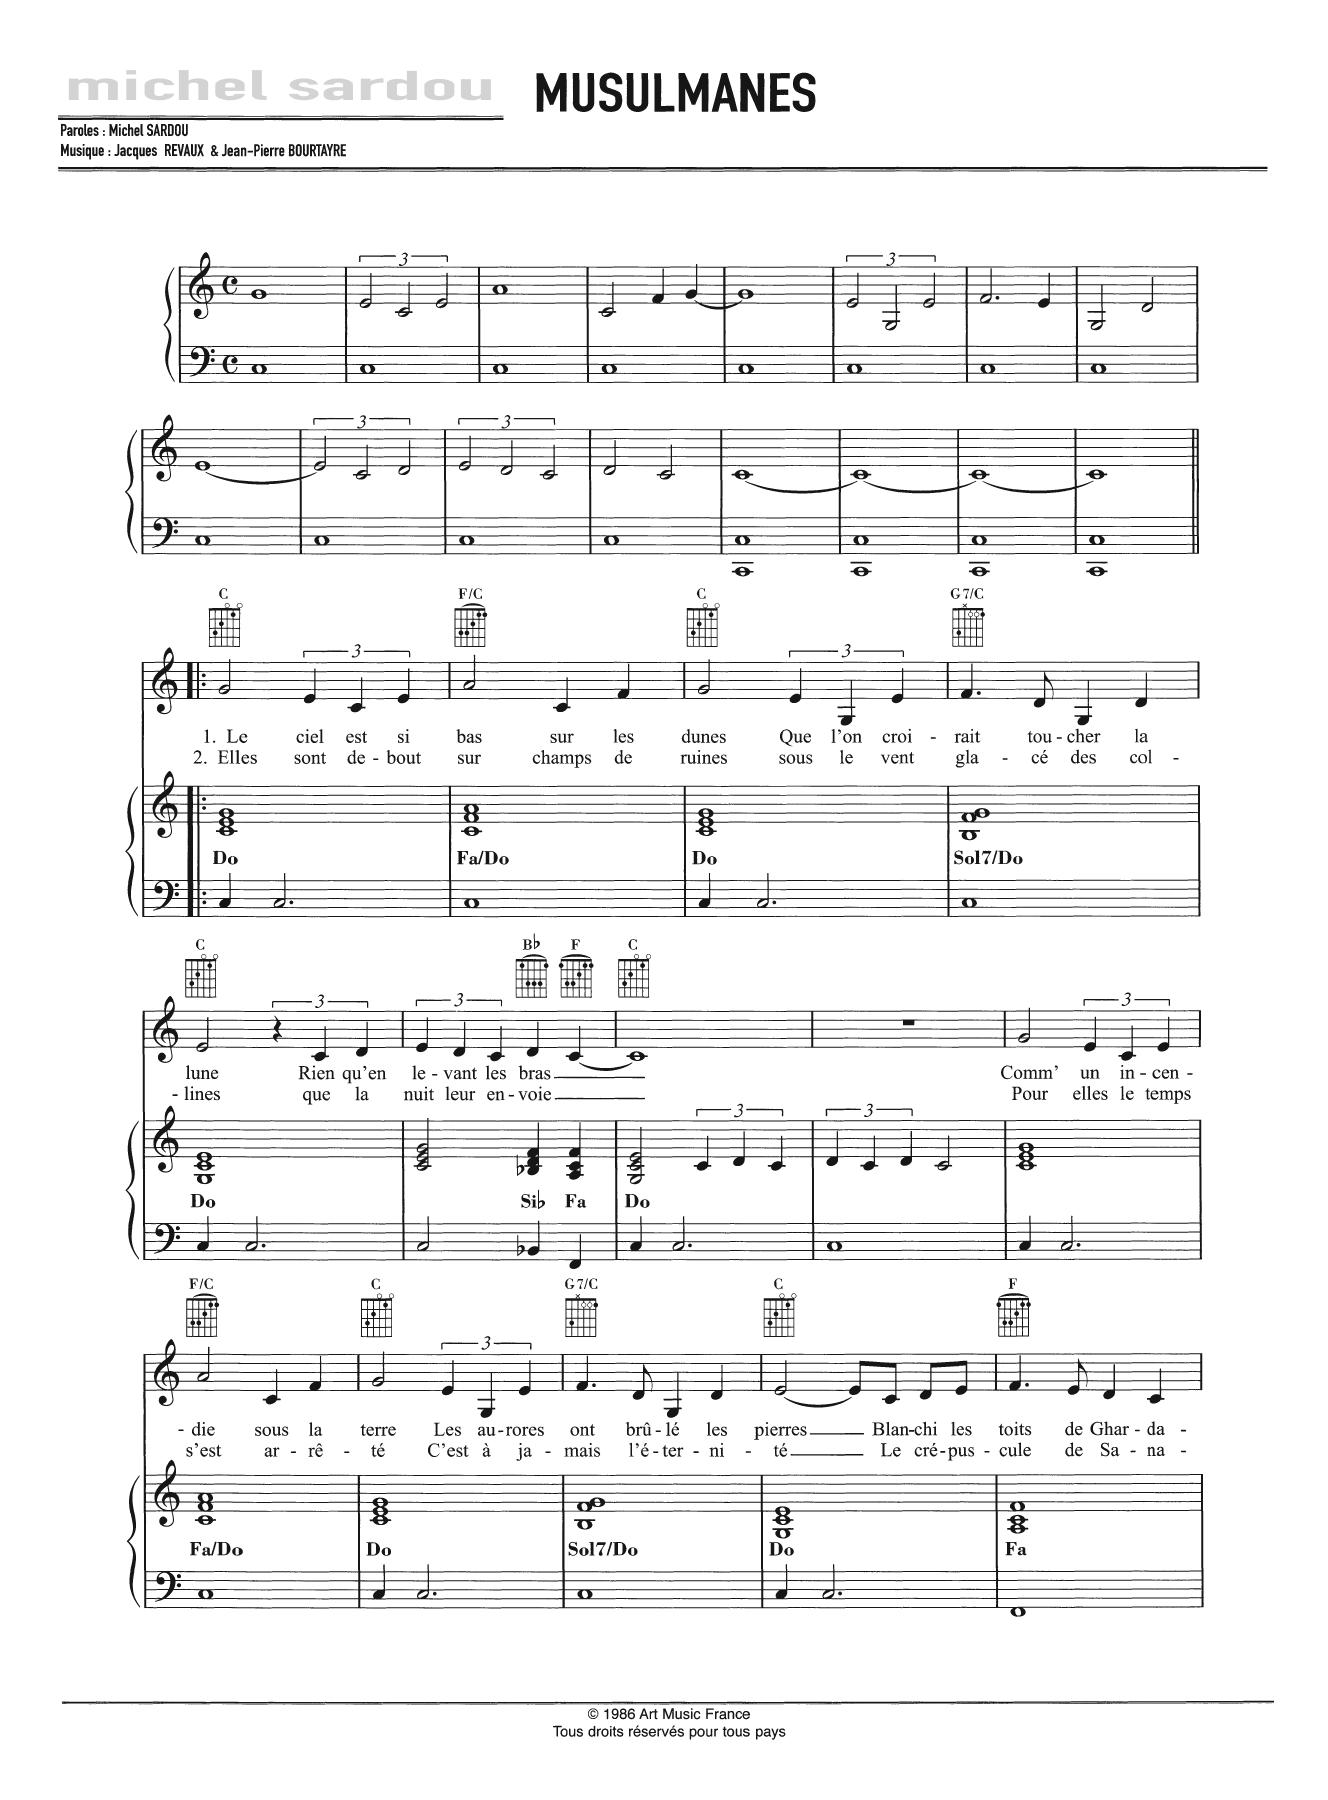 Musulmanes Sheet Music